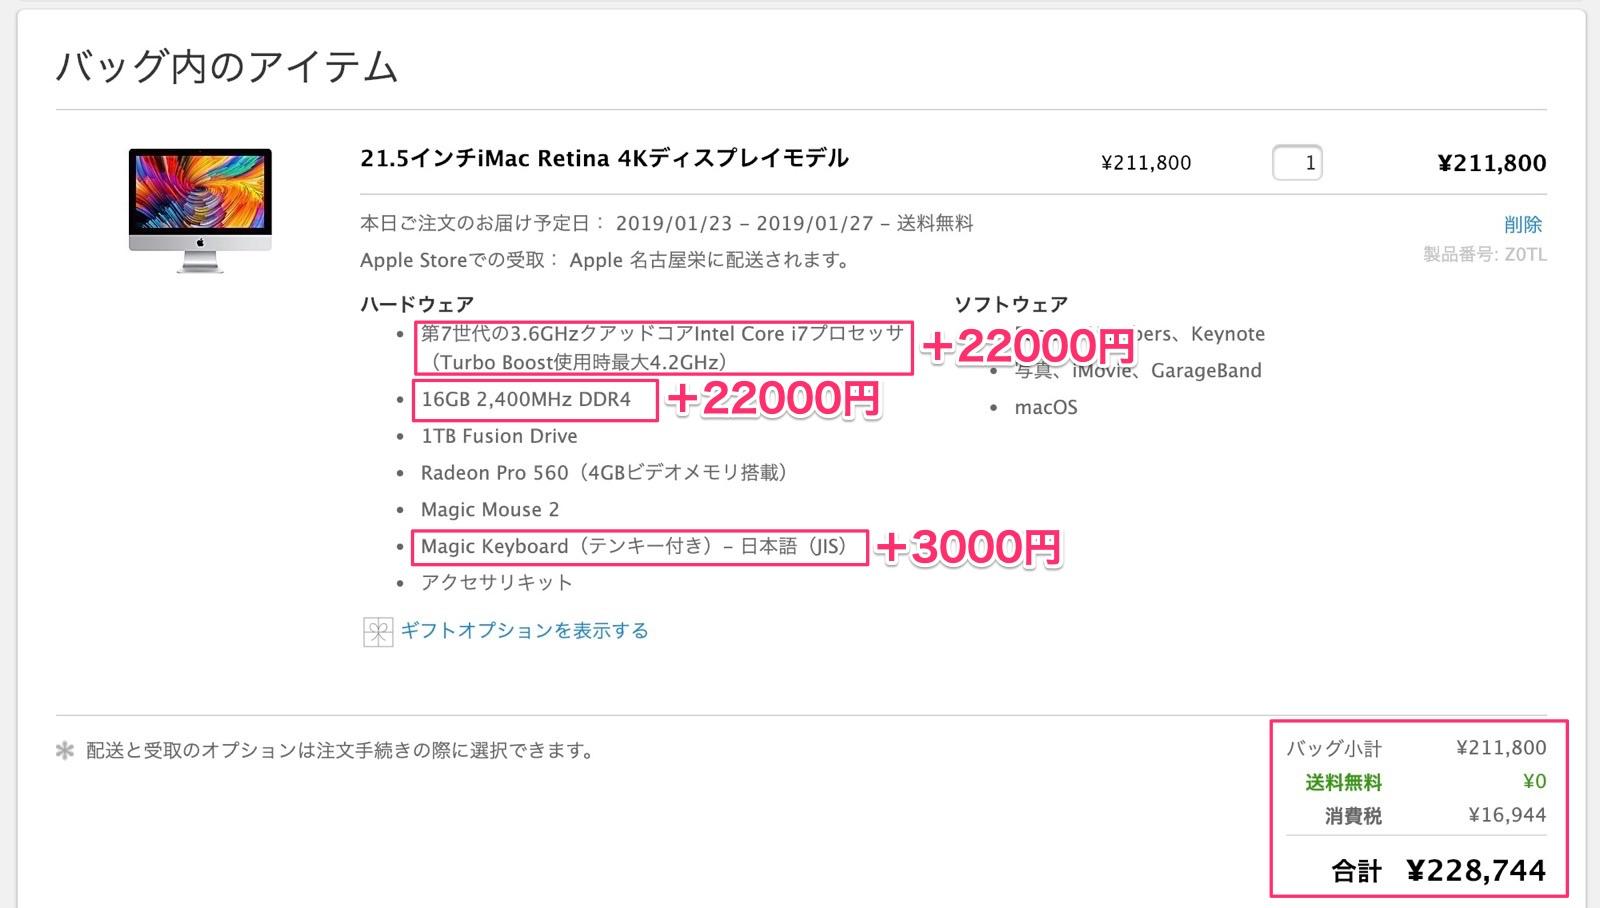 iMac 21.5インチ カスタマイズ